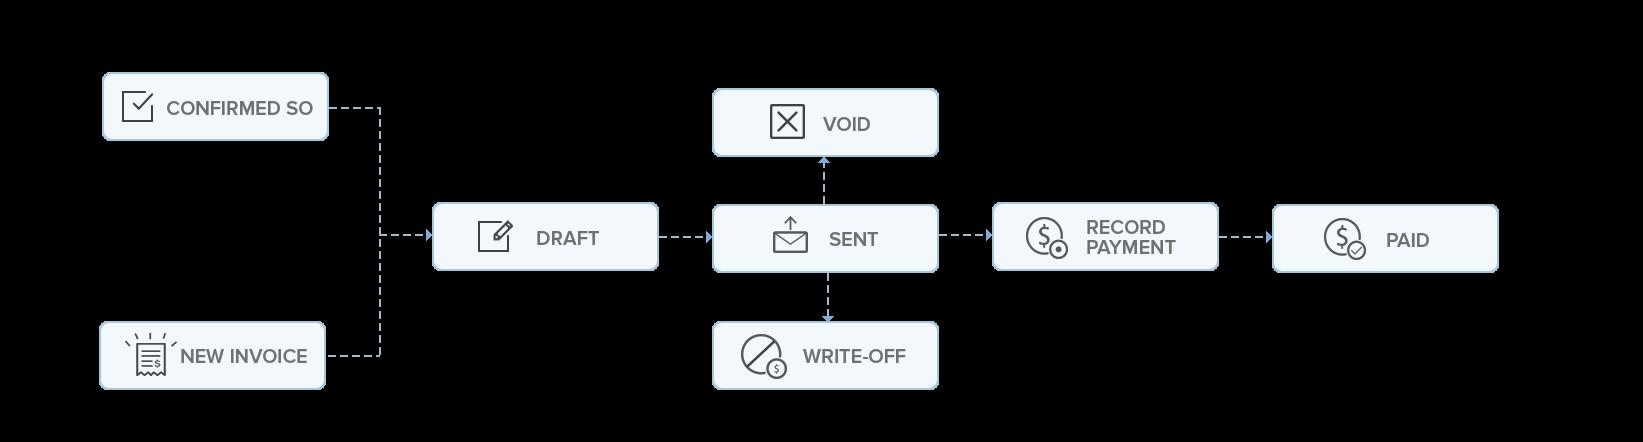 Invoice workflow